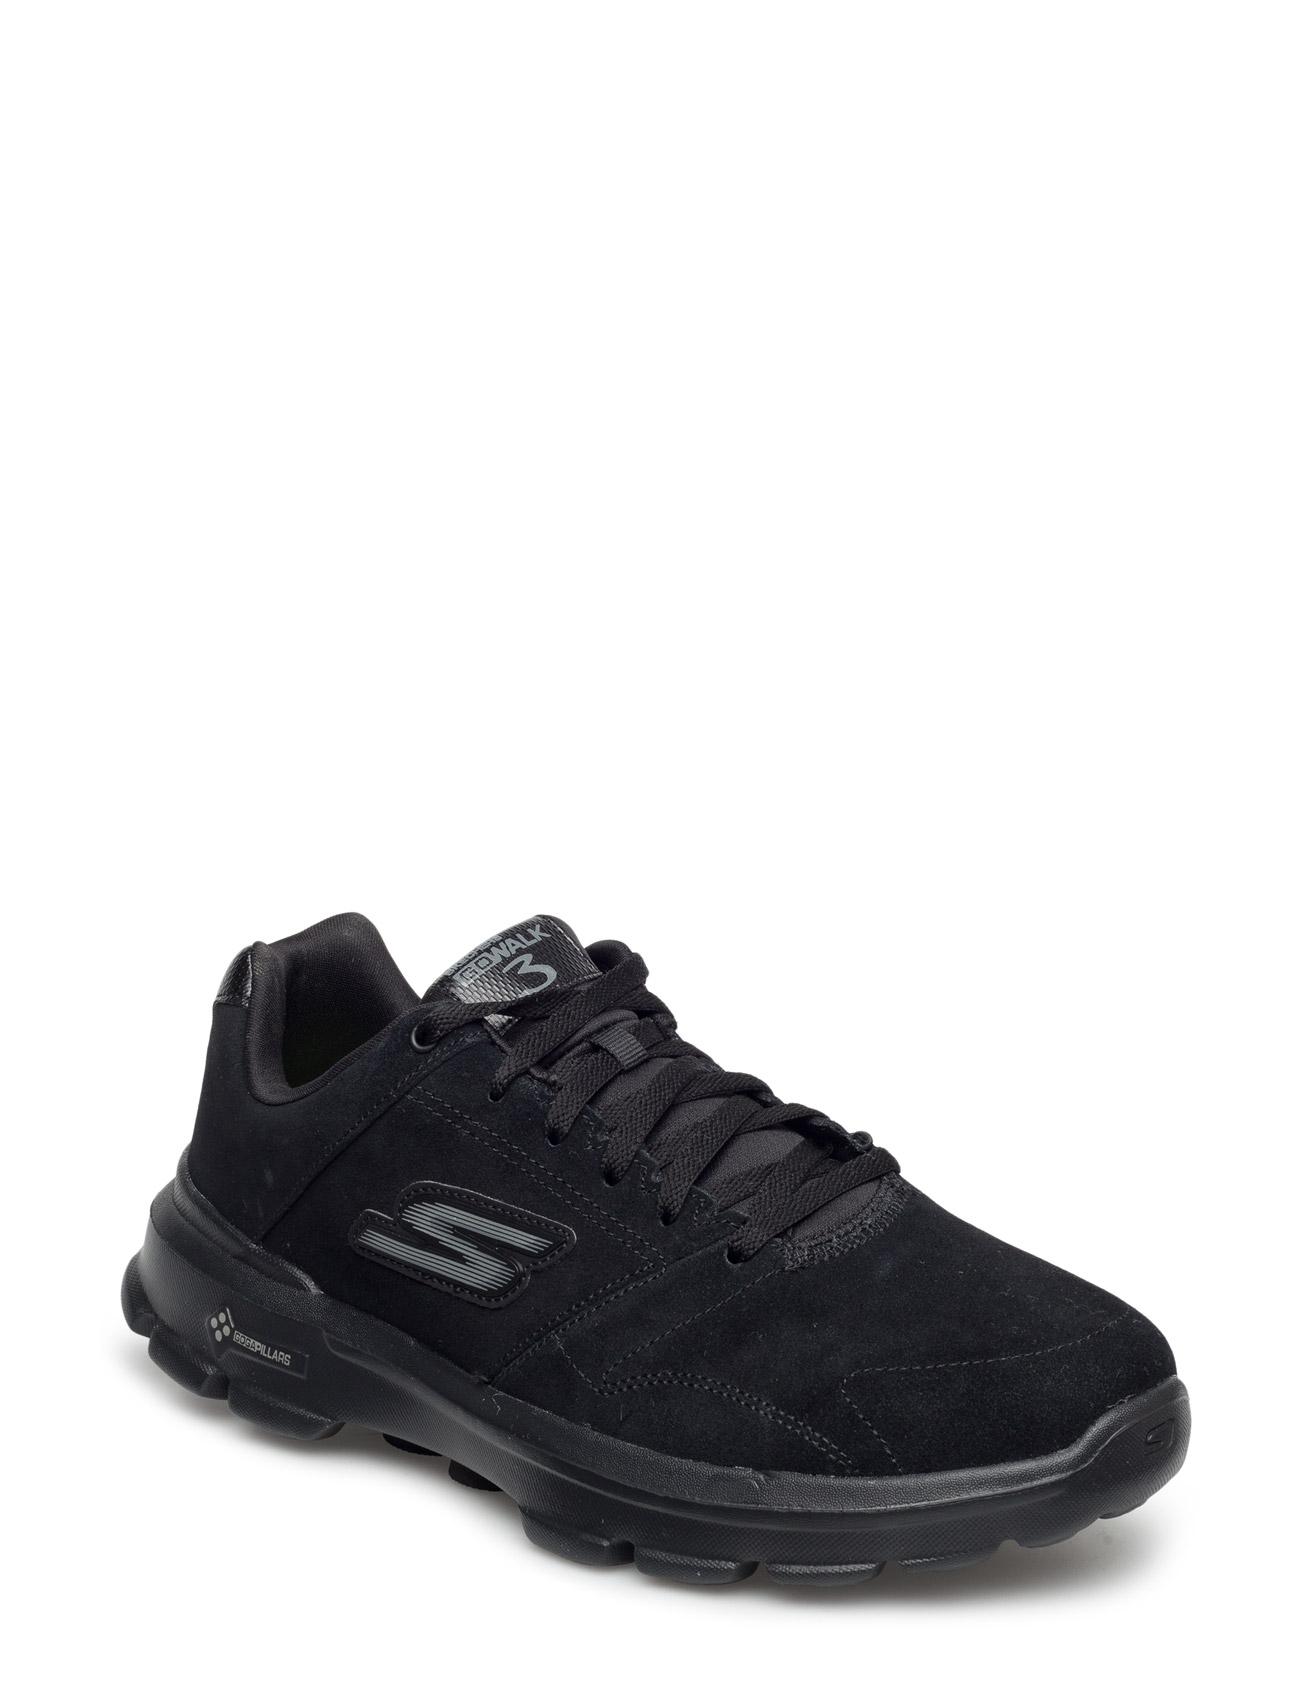 Skechers Go Walk 3 Skechers Sneakers til Mænd i Sort